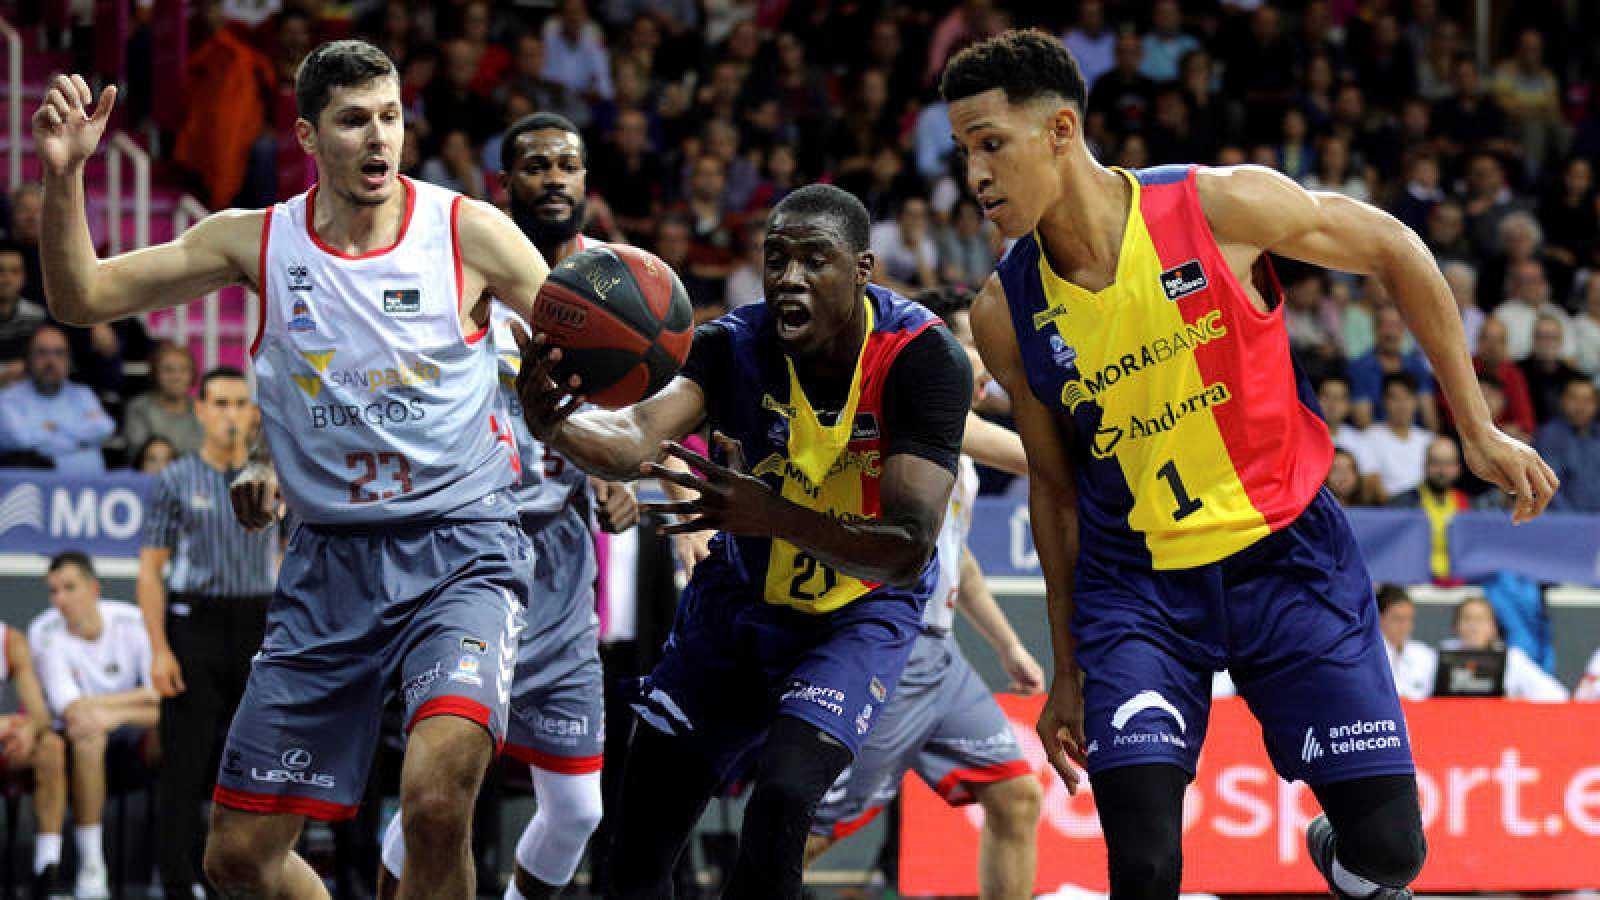 Moussa Diagne, en el centro, el más destacado de Andorra ante el Burgos.